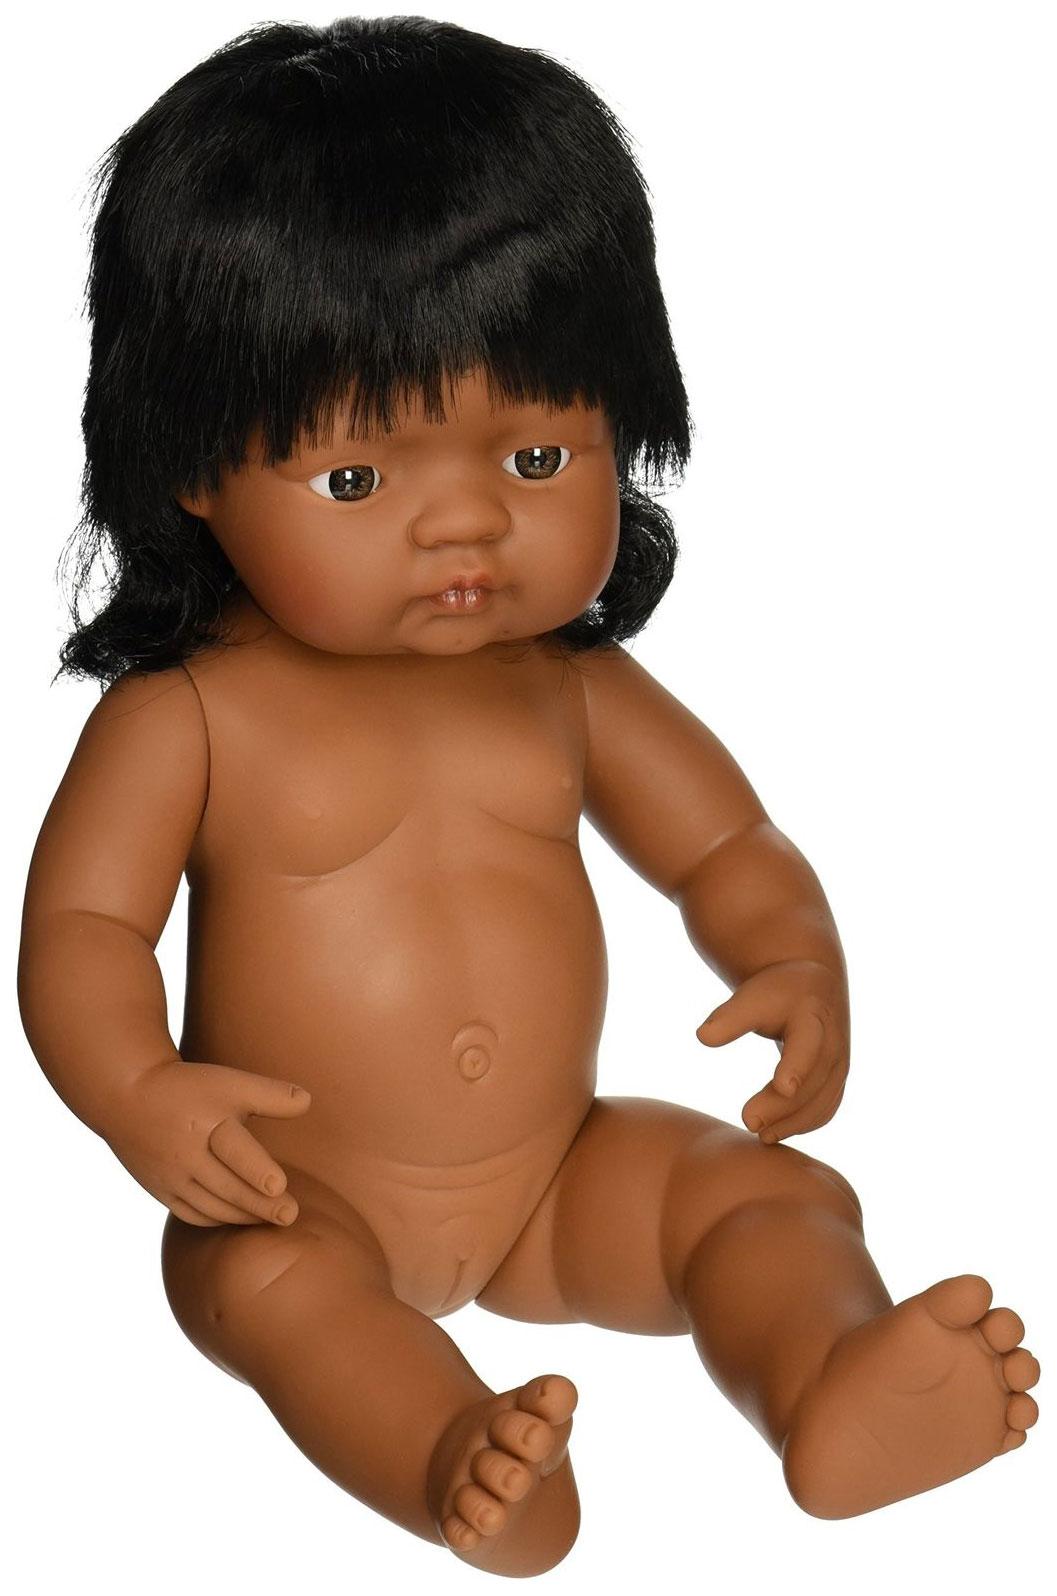 Купить Кукла Miniland Девочка латиноамериканка 31058 38 см, Классические куклы